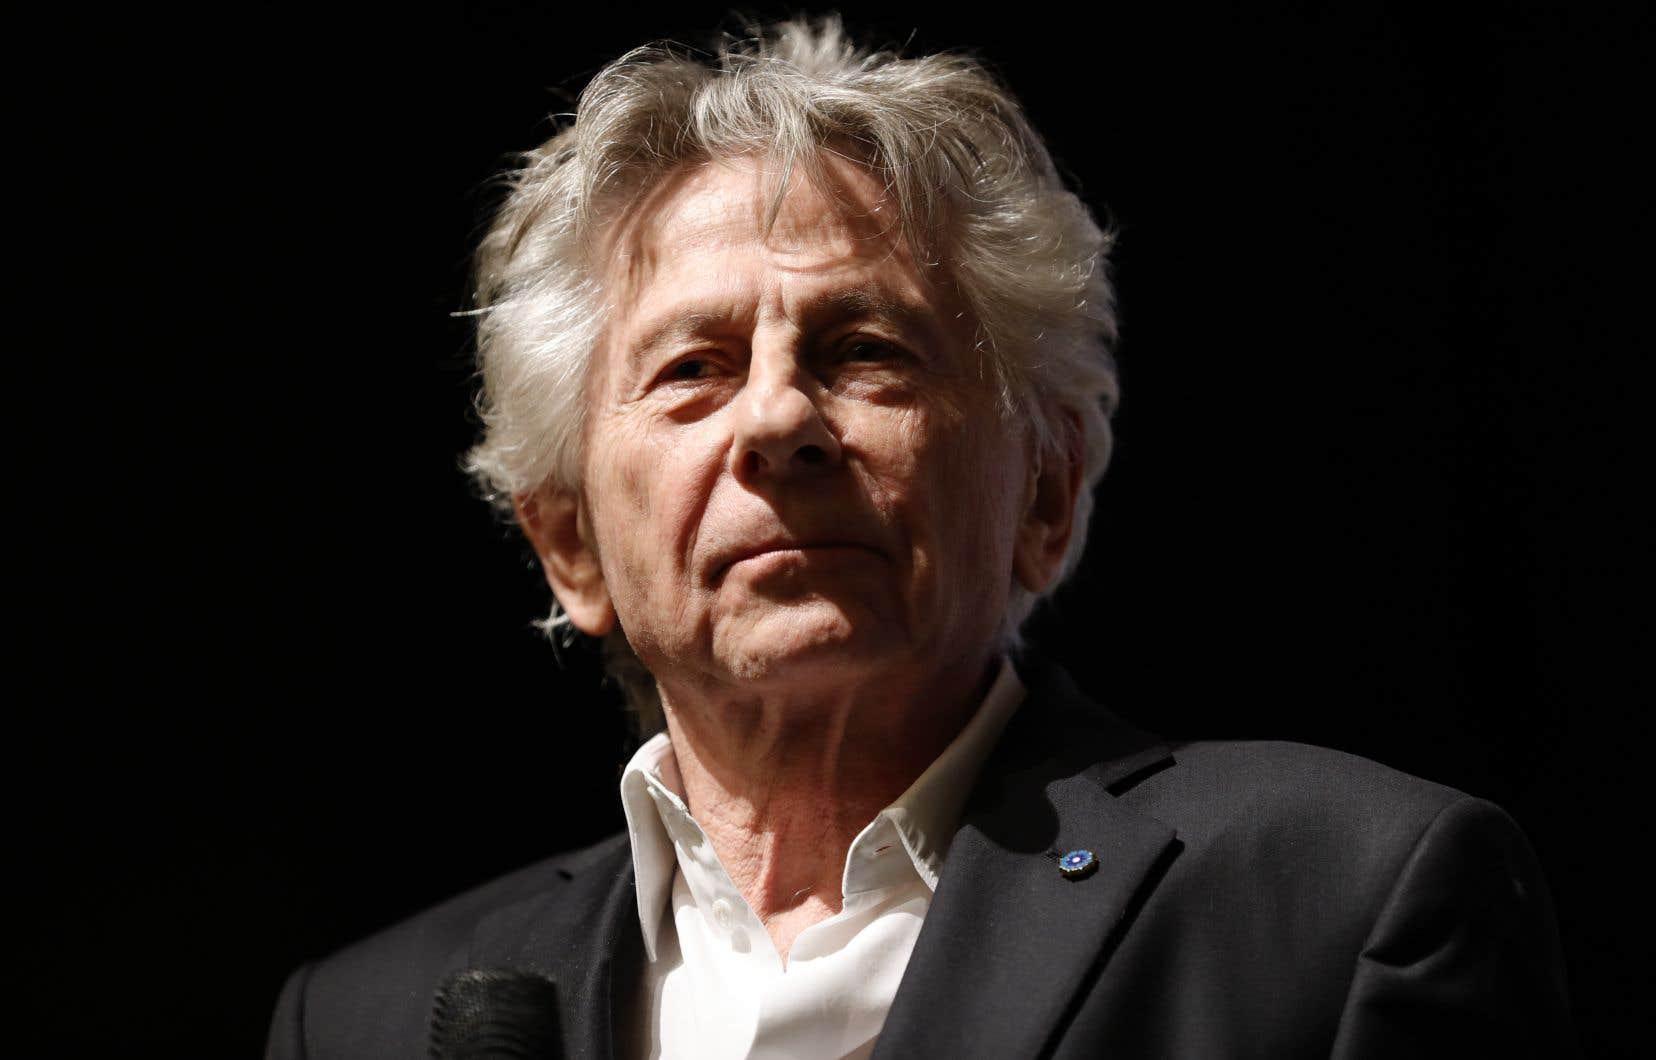 Roman Polanski est toujours poursuivi par la justice américaine dans le cadre de la procédure pour détournement de mineure lancée à son encontre en 1977.